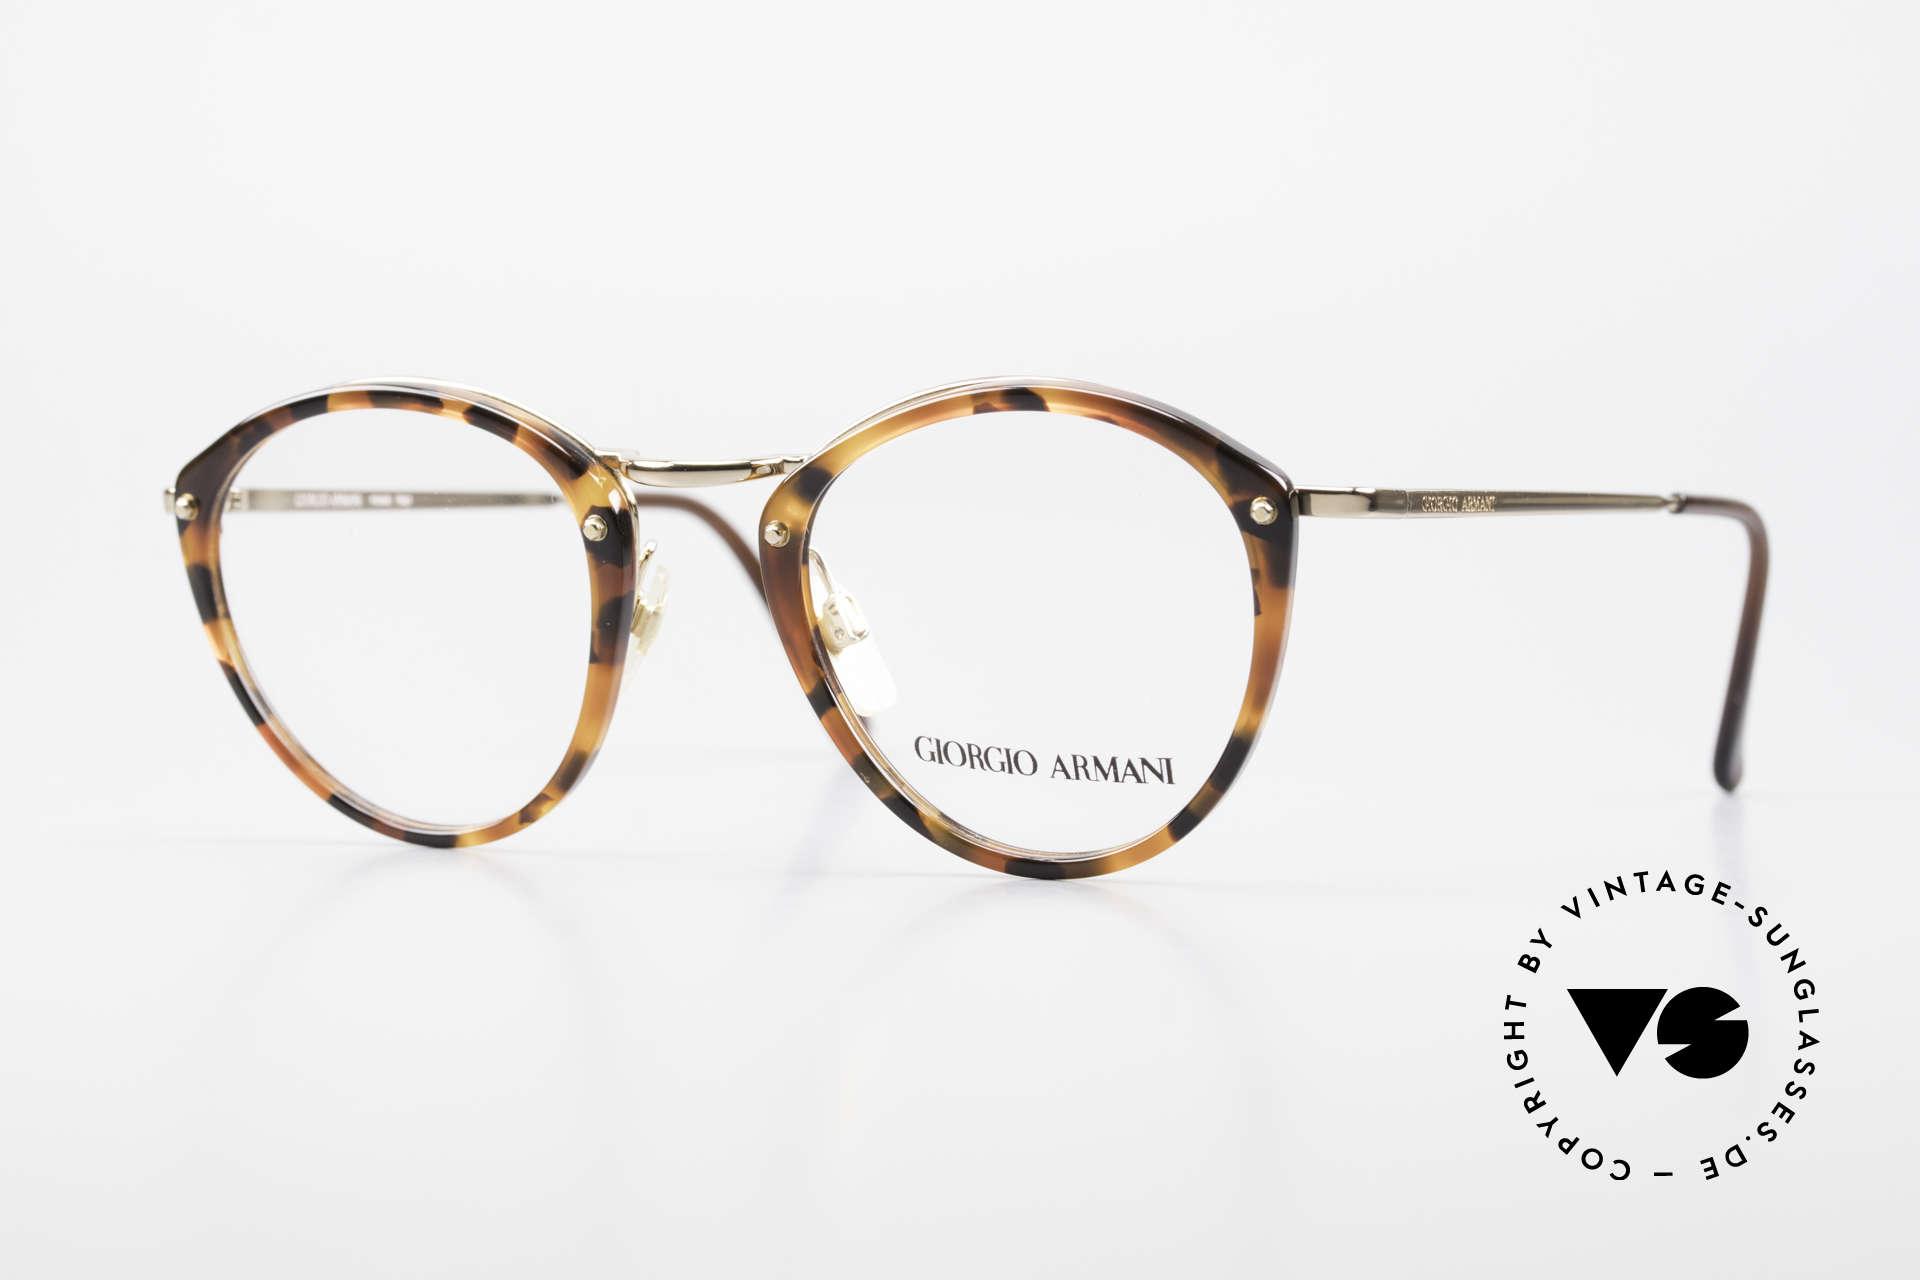 Giorgio Armani 354 No Retro Glasses 80's Frame, vintage designer eyeglass-frame by GIORGIO ARMANI, Made for Men and Women